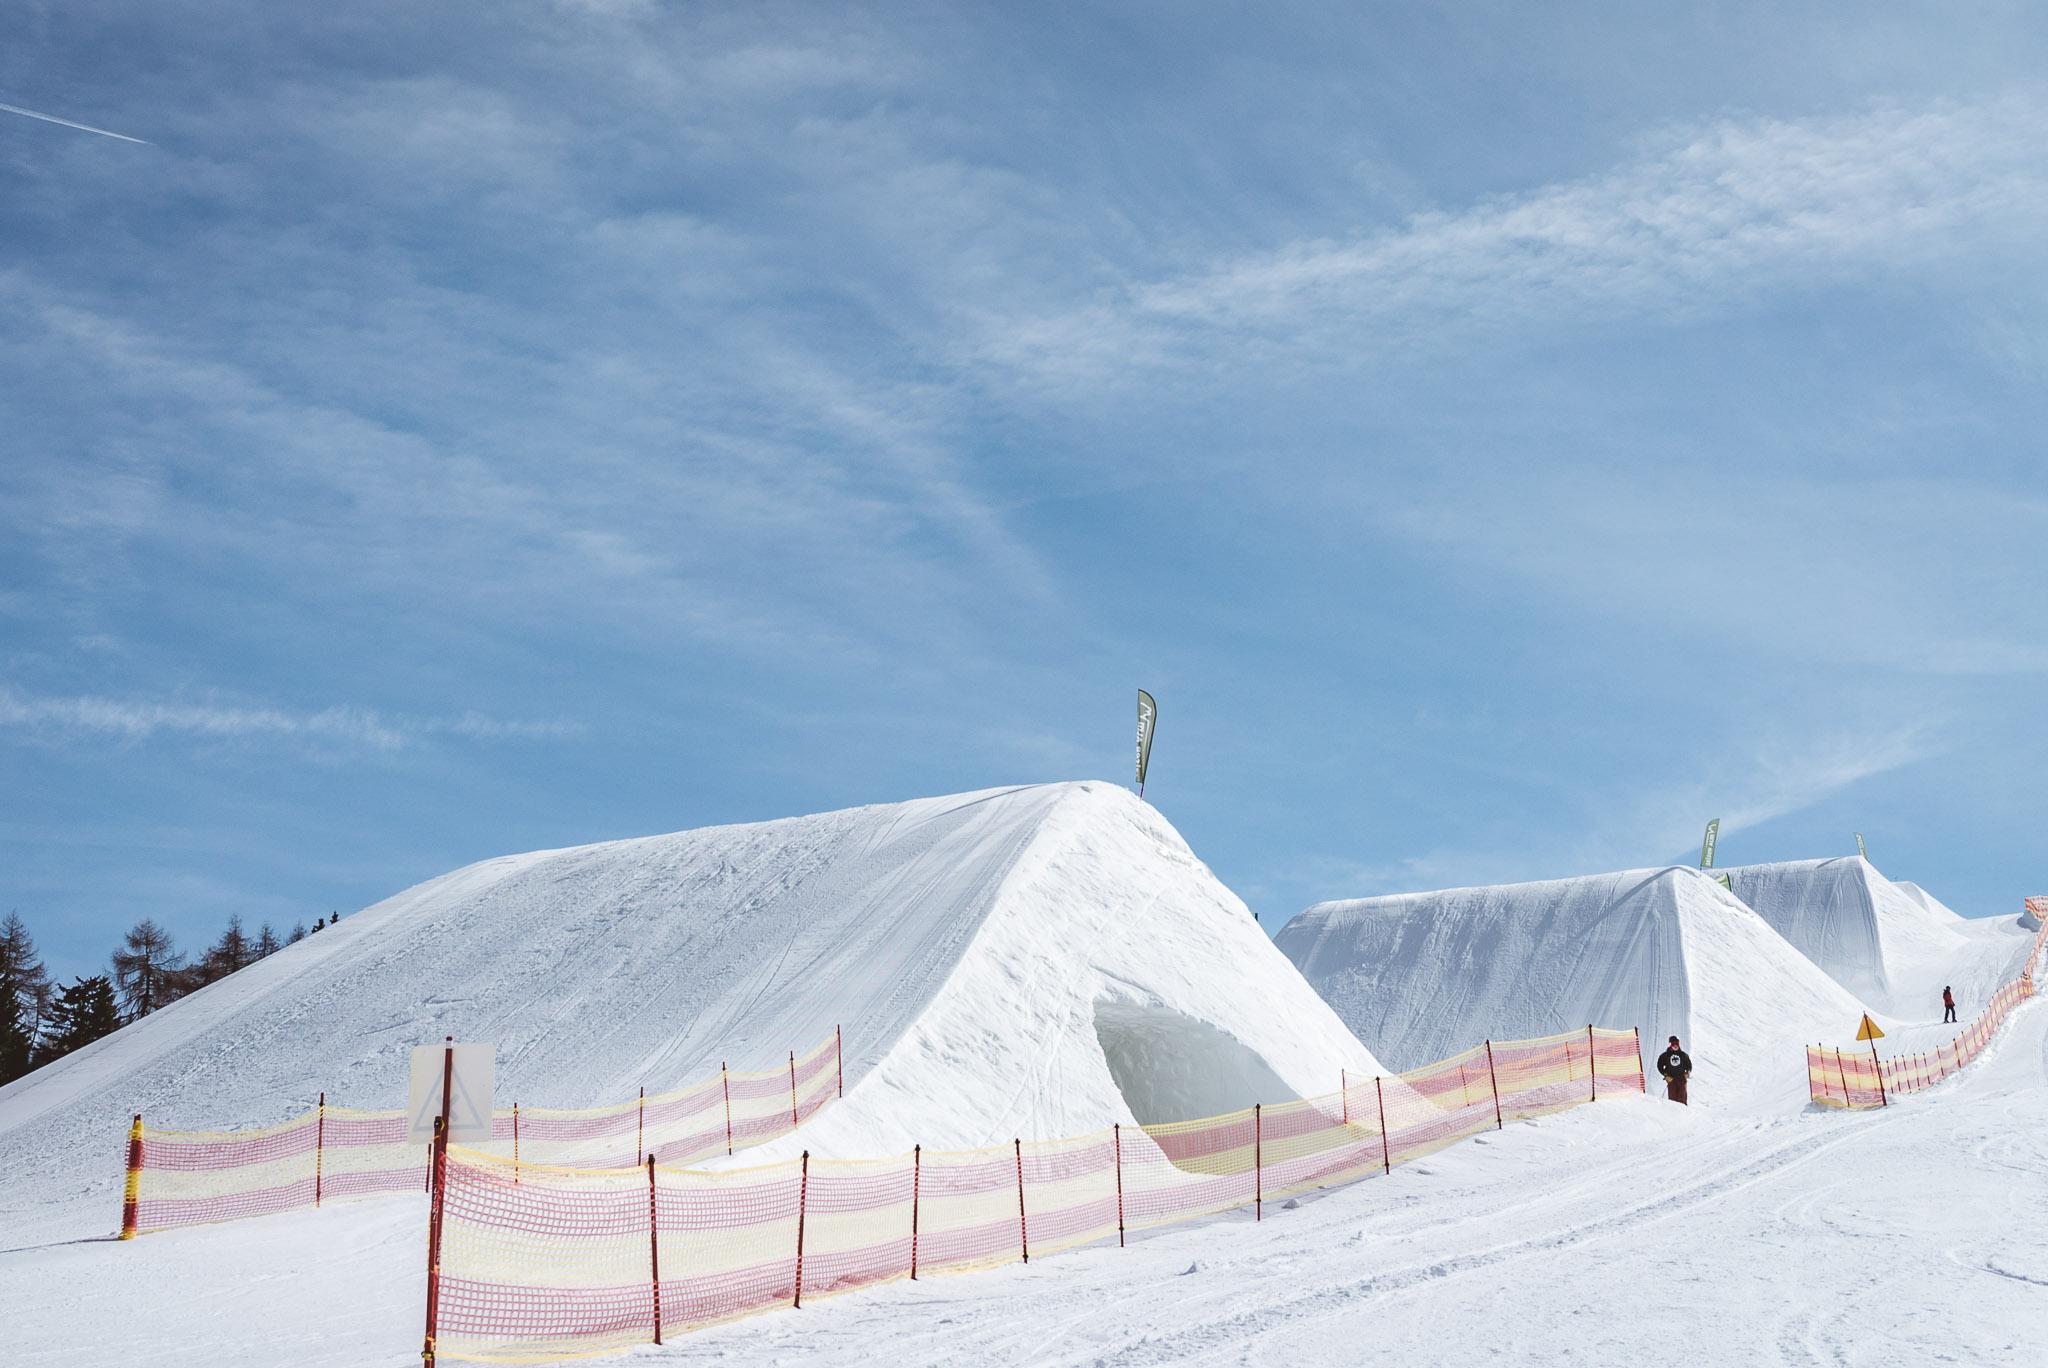 Die massiven Landungshügel im Snowpark Seiser Alm ermöglichen verschiedene Kicker Konstruktionen und absolut perfekte Landungen - einer der besten Jump Lines der Alpen!